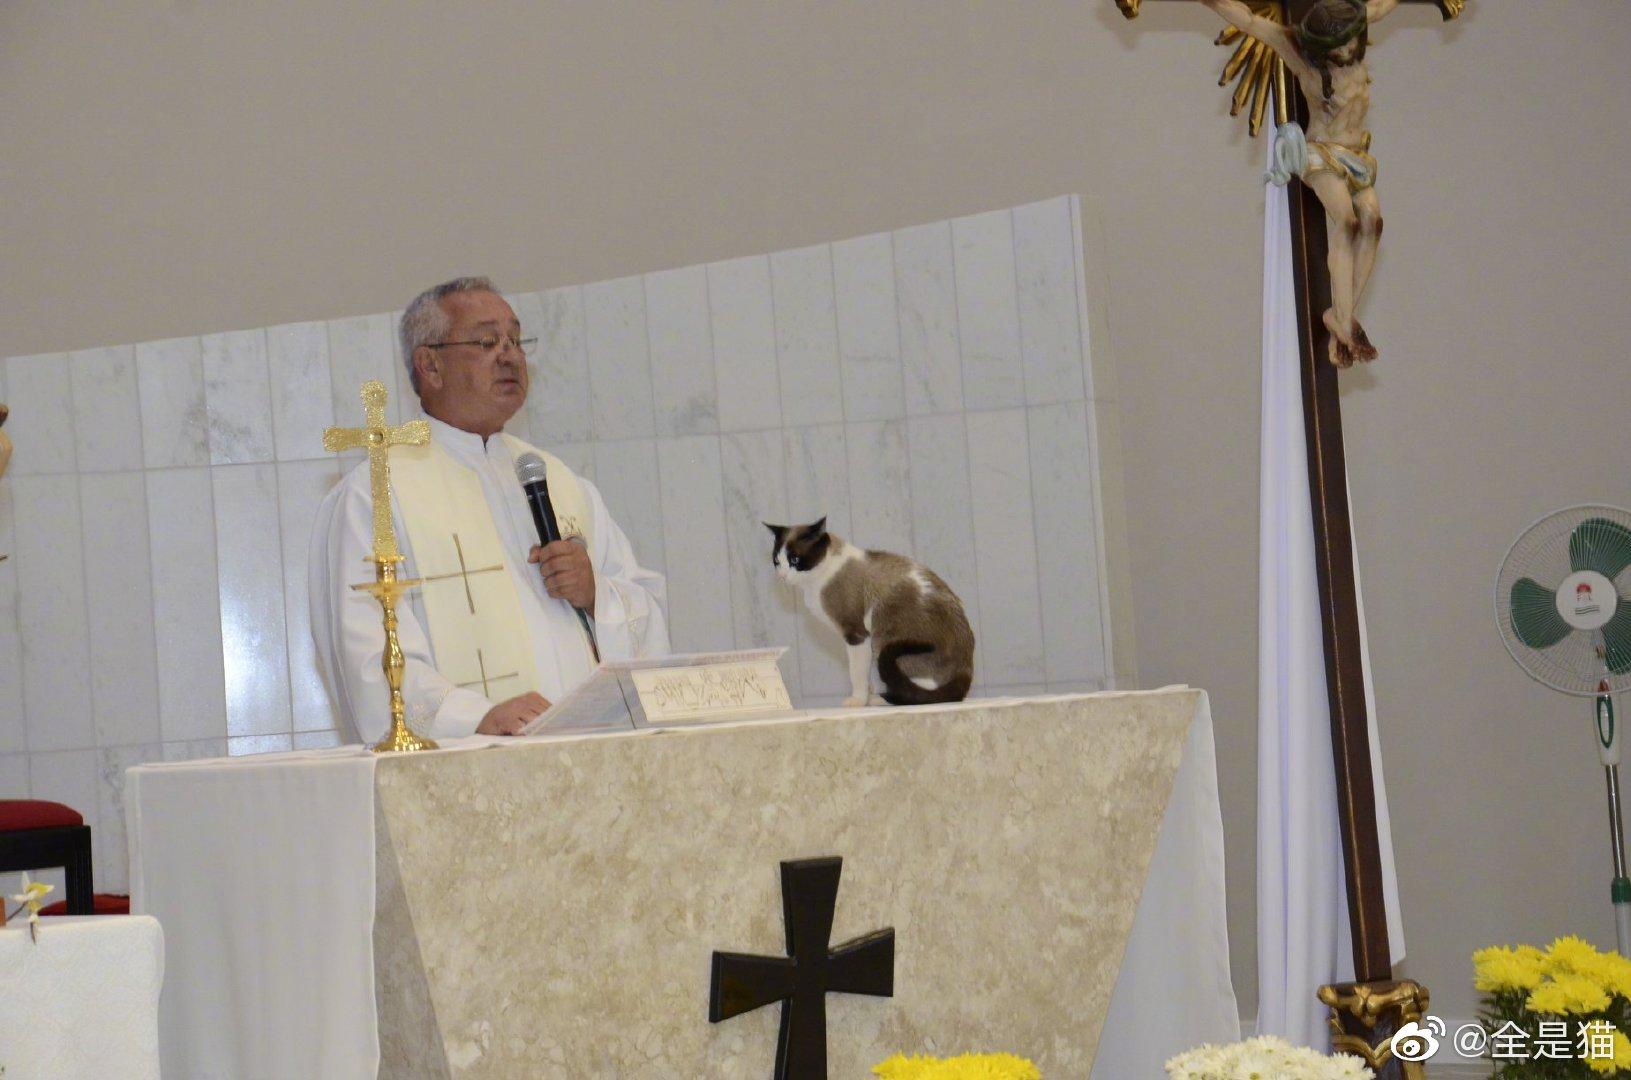 猫都是很博学的,到哪儿都能听讲。